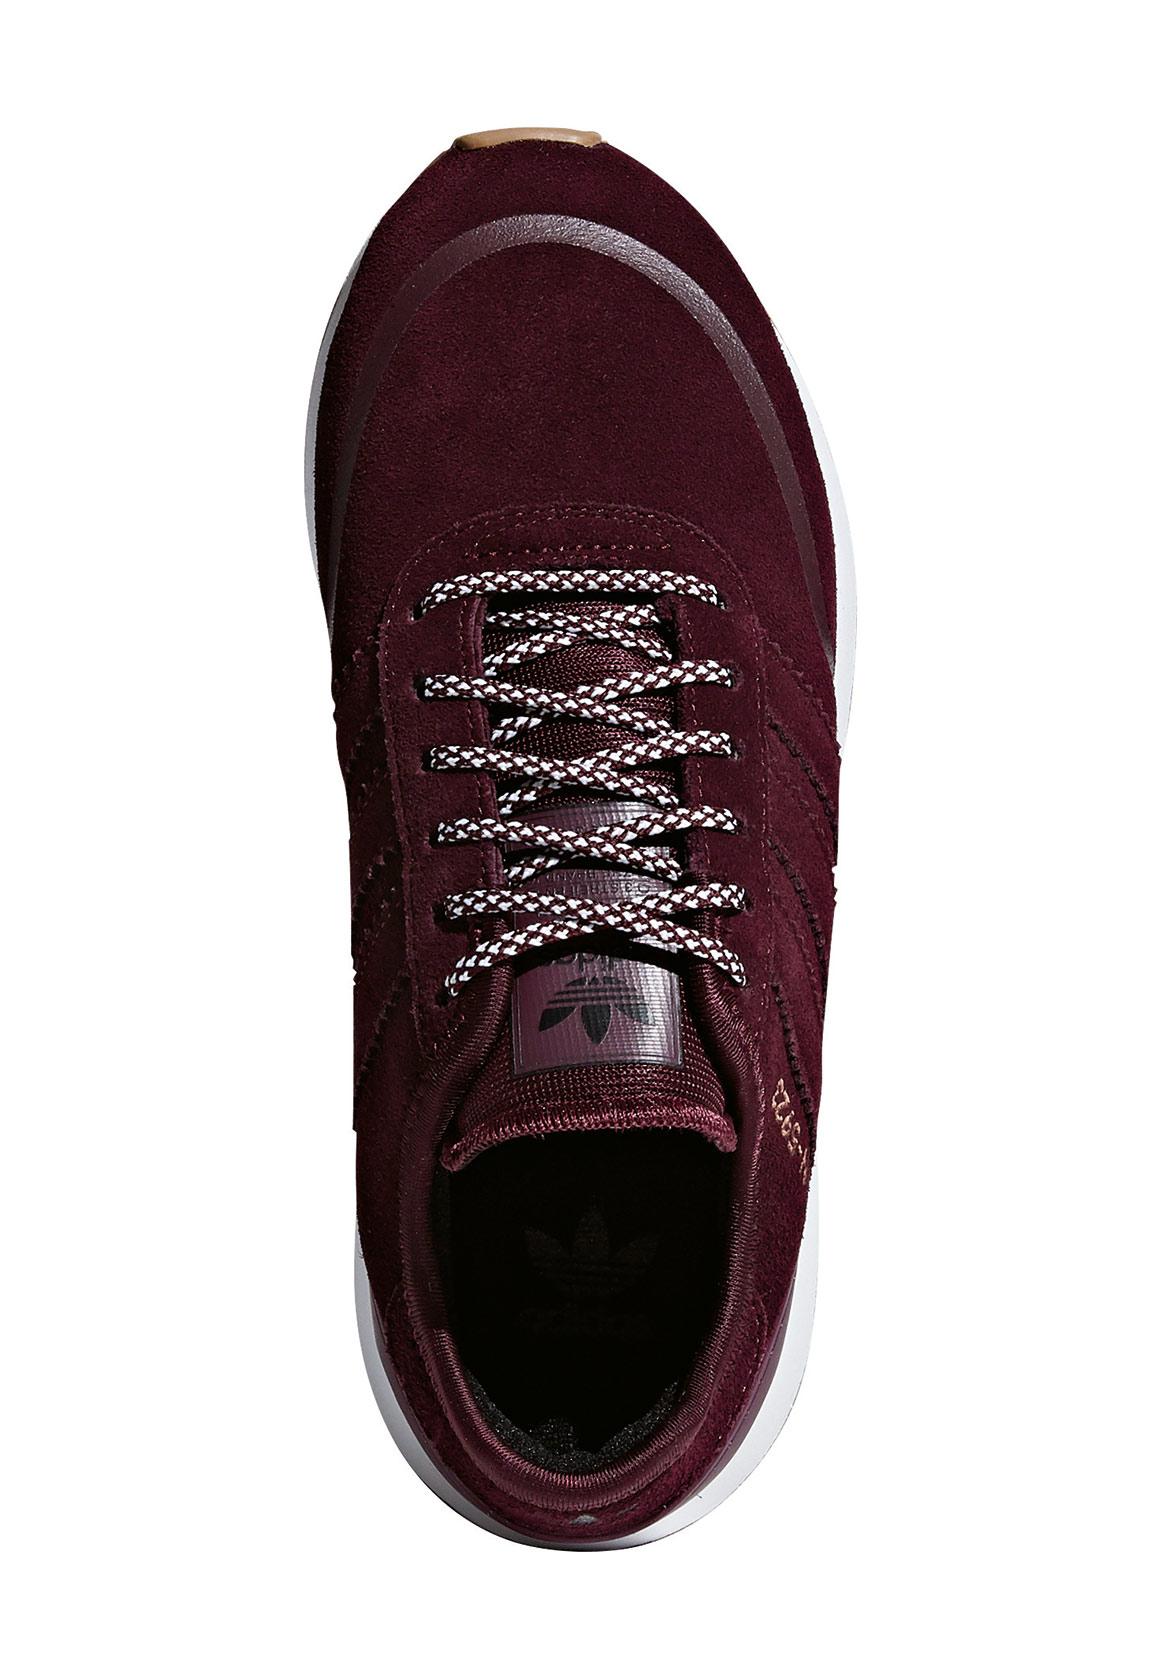 Attraktive Frauen Schuhe adidas N 5923 J B37289 Maroon